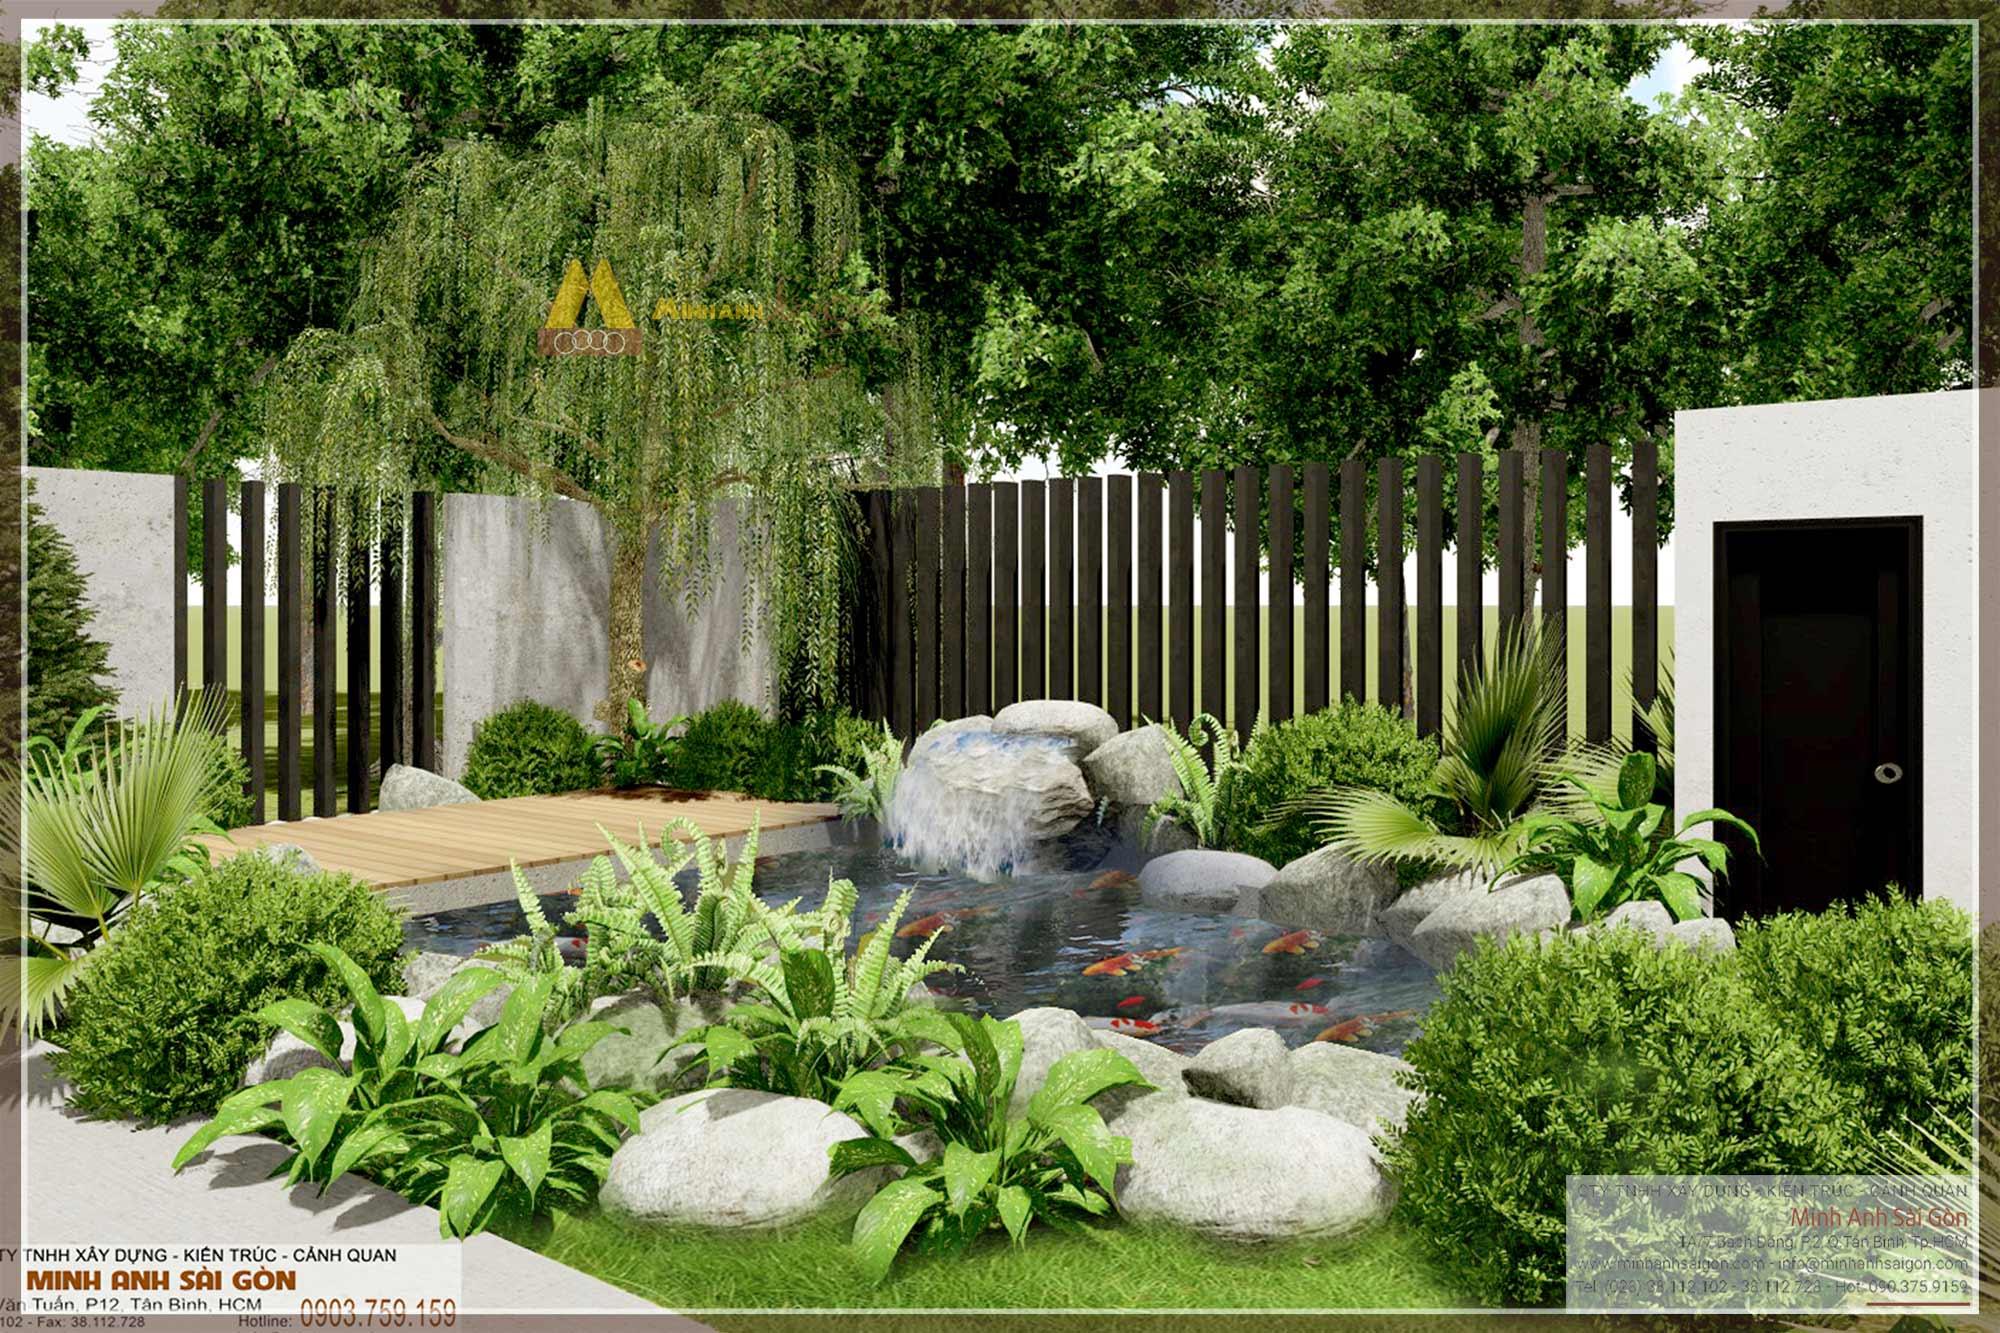 Tìm hiểu các kiểu nhà ở thân thiện với môi trường